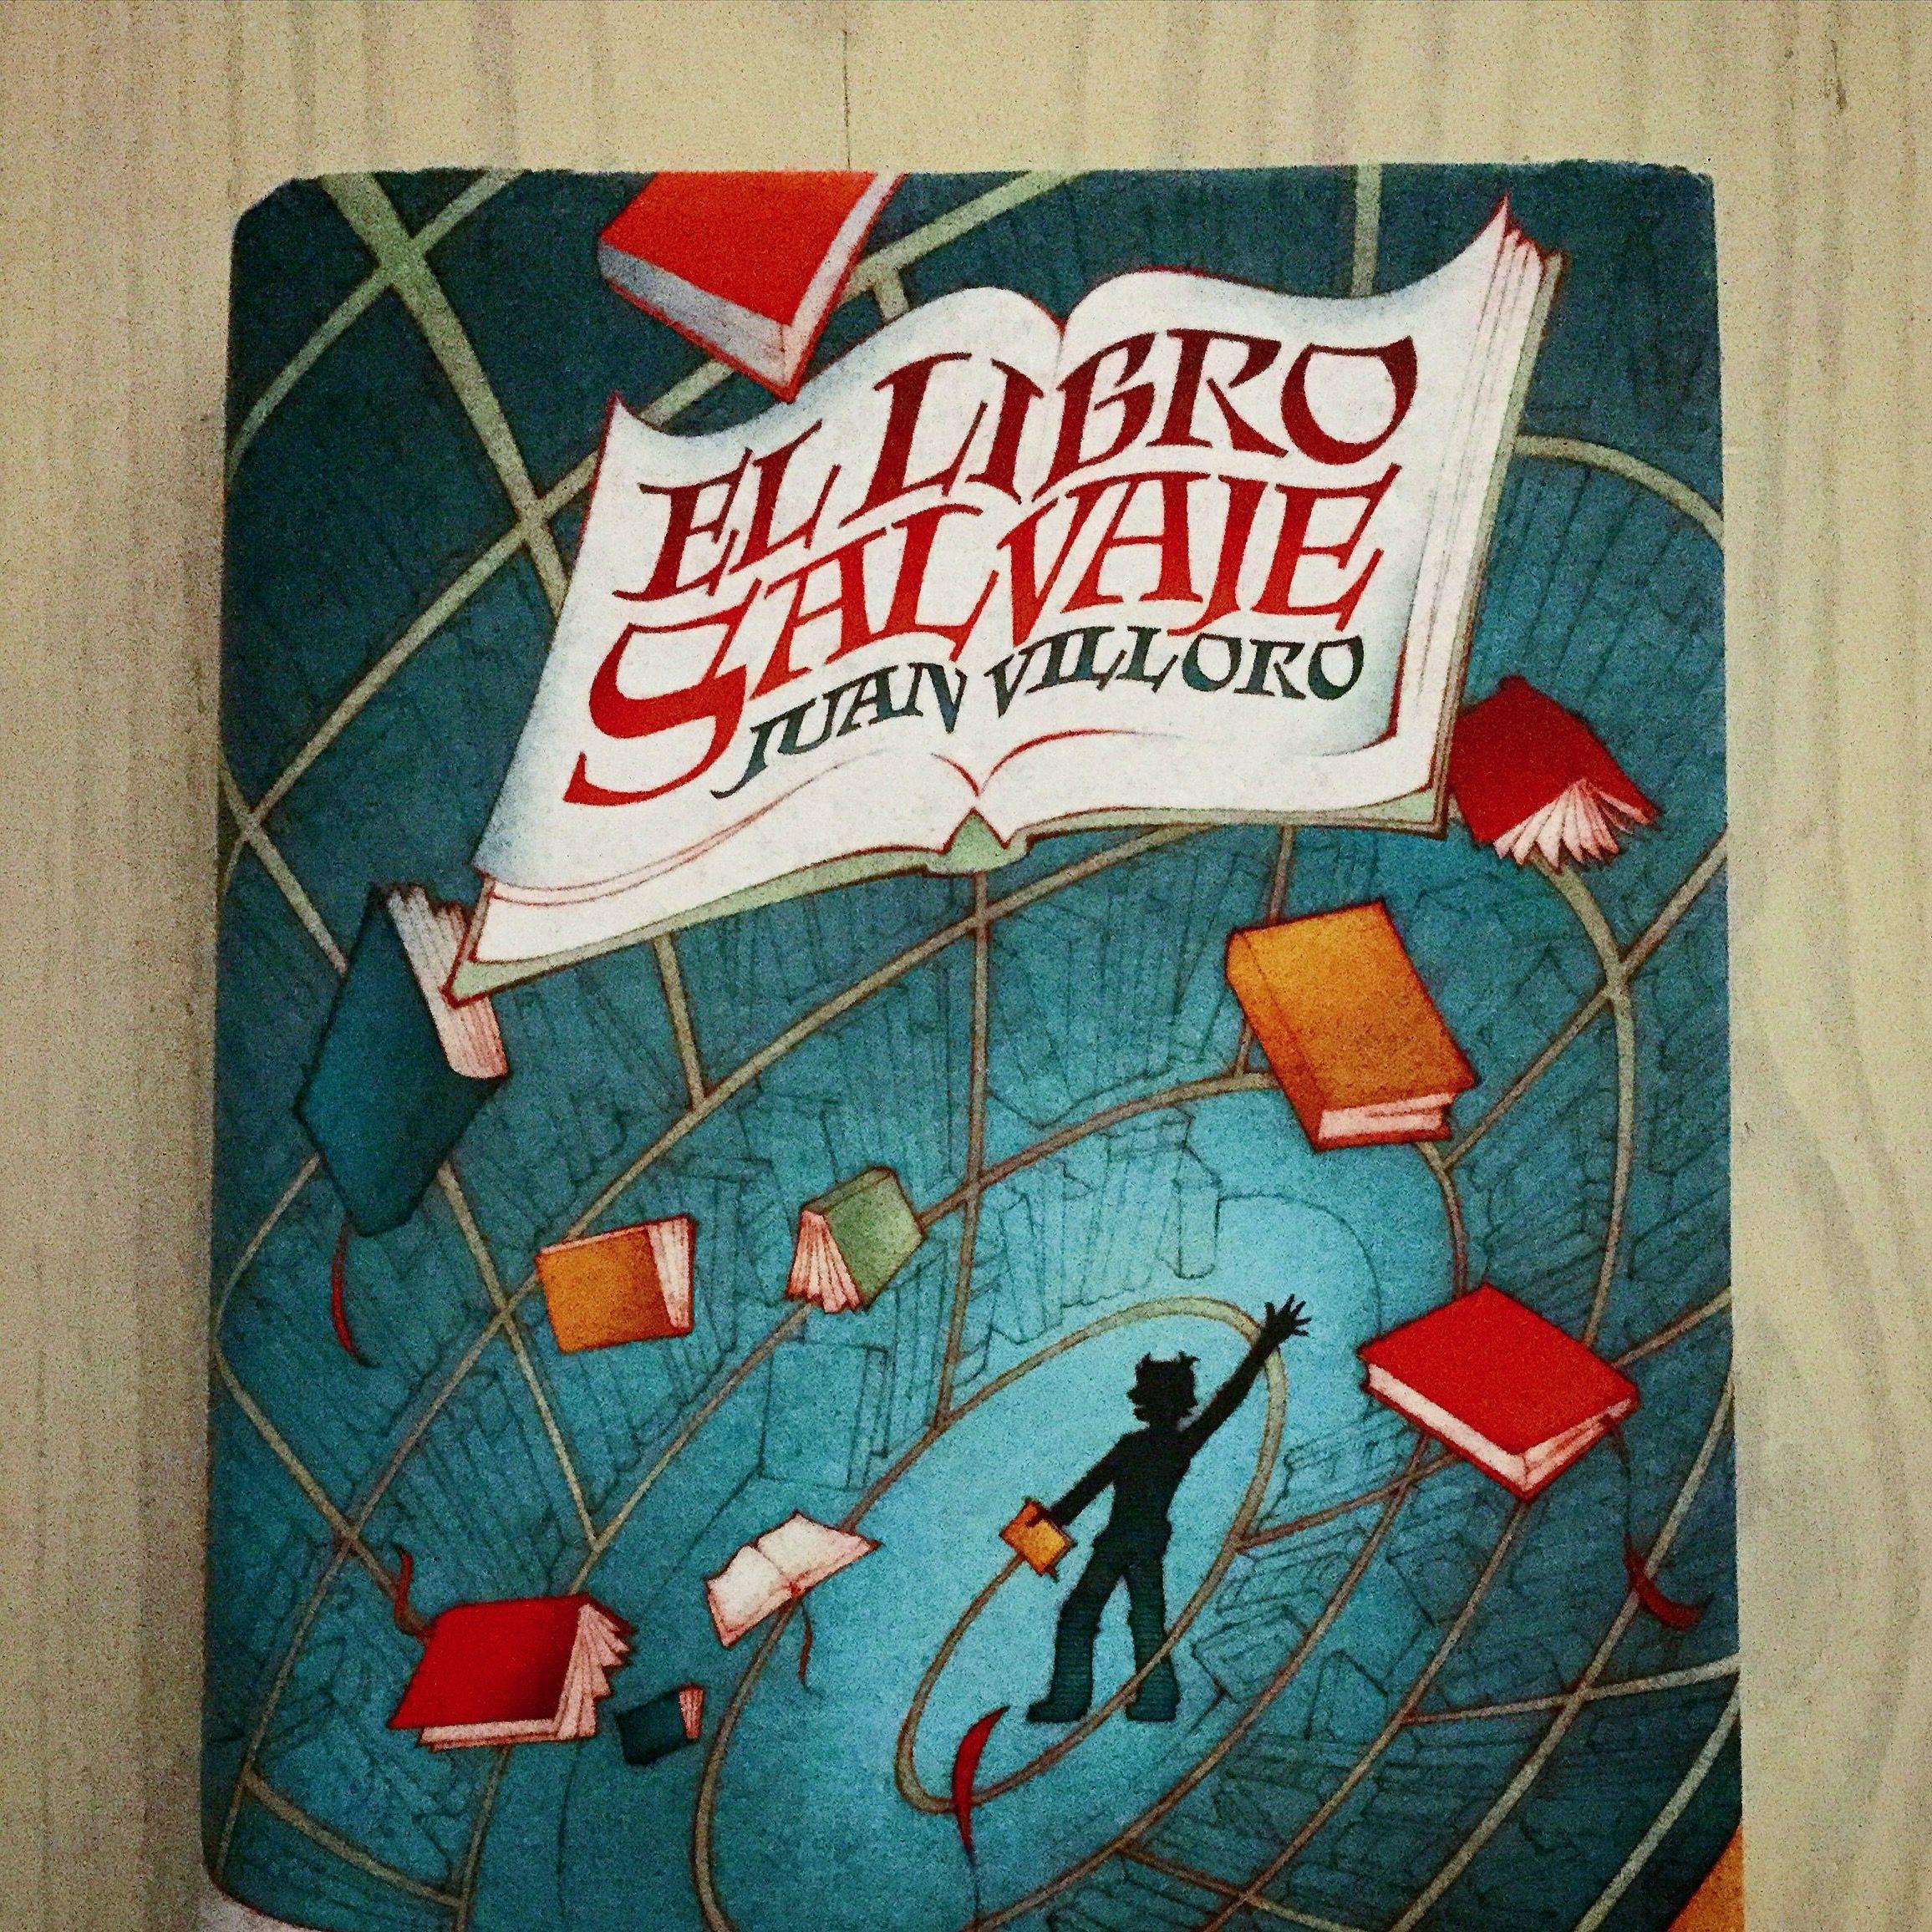 El libro salvaje, Juan Villoro